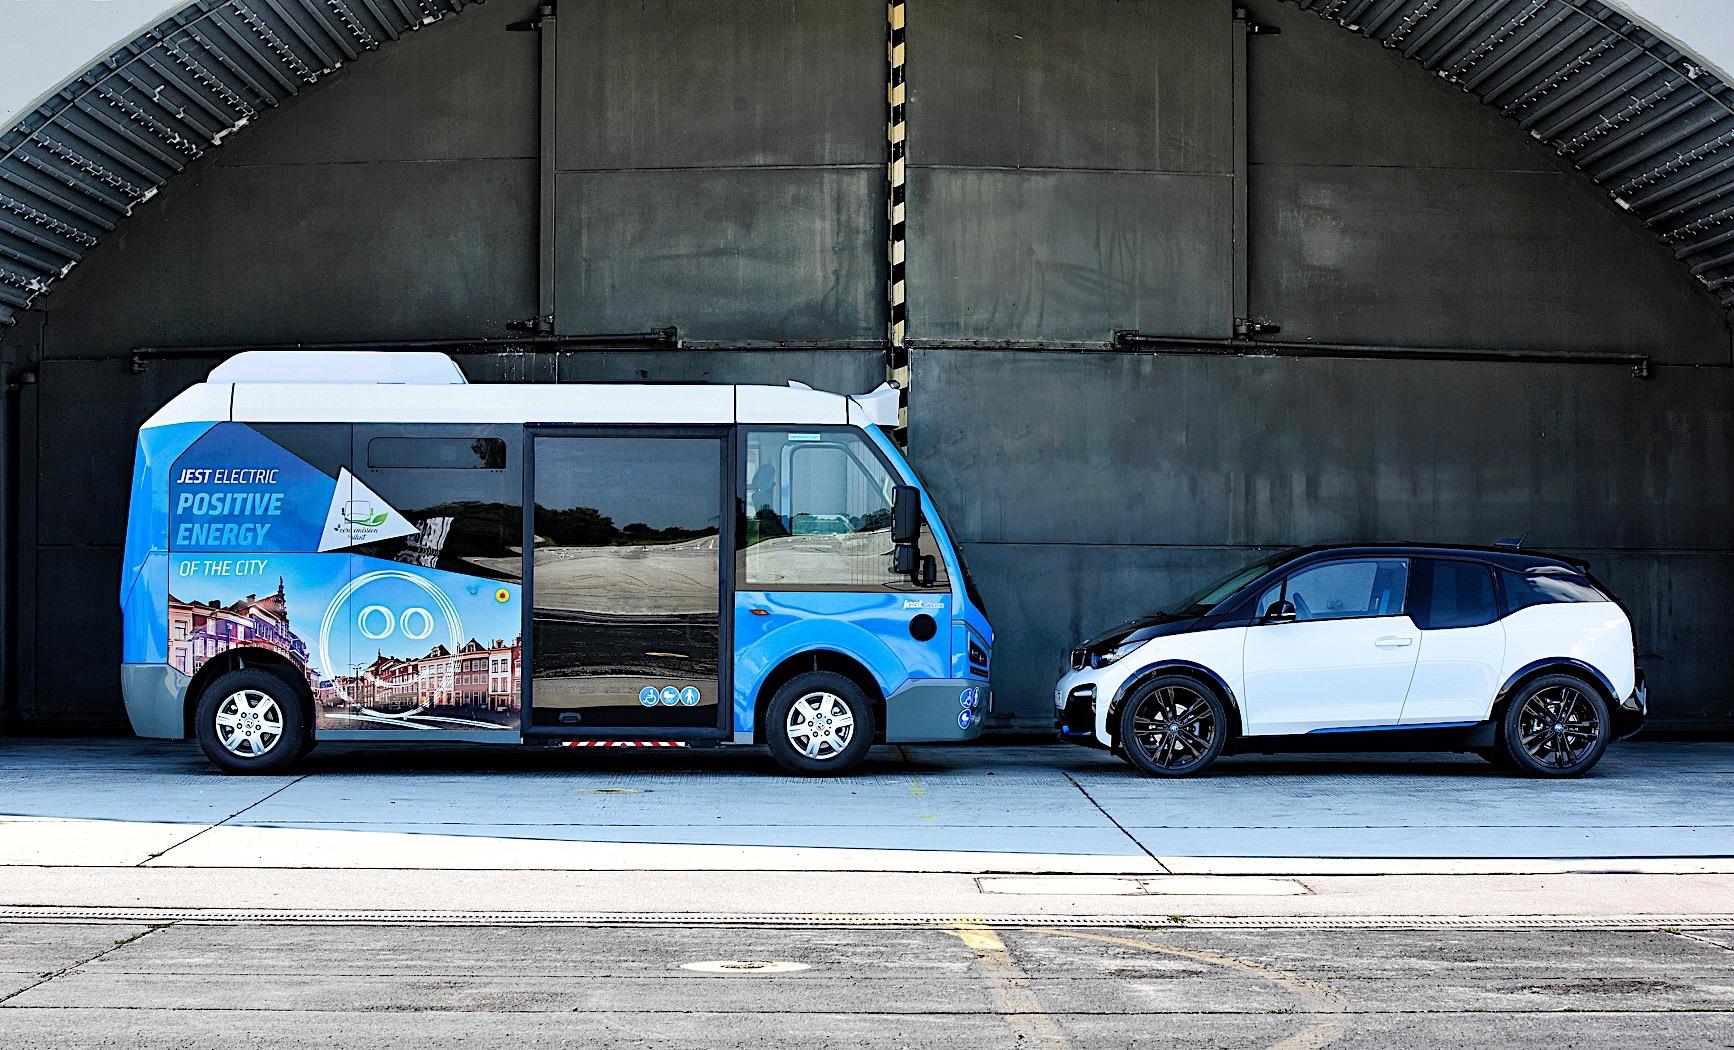 土耳其公司与宝马合作 电动巴士共享i3电池技术